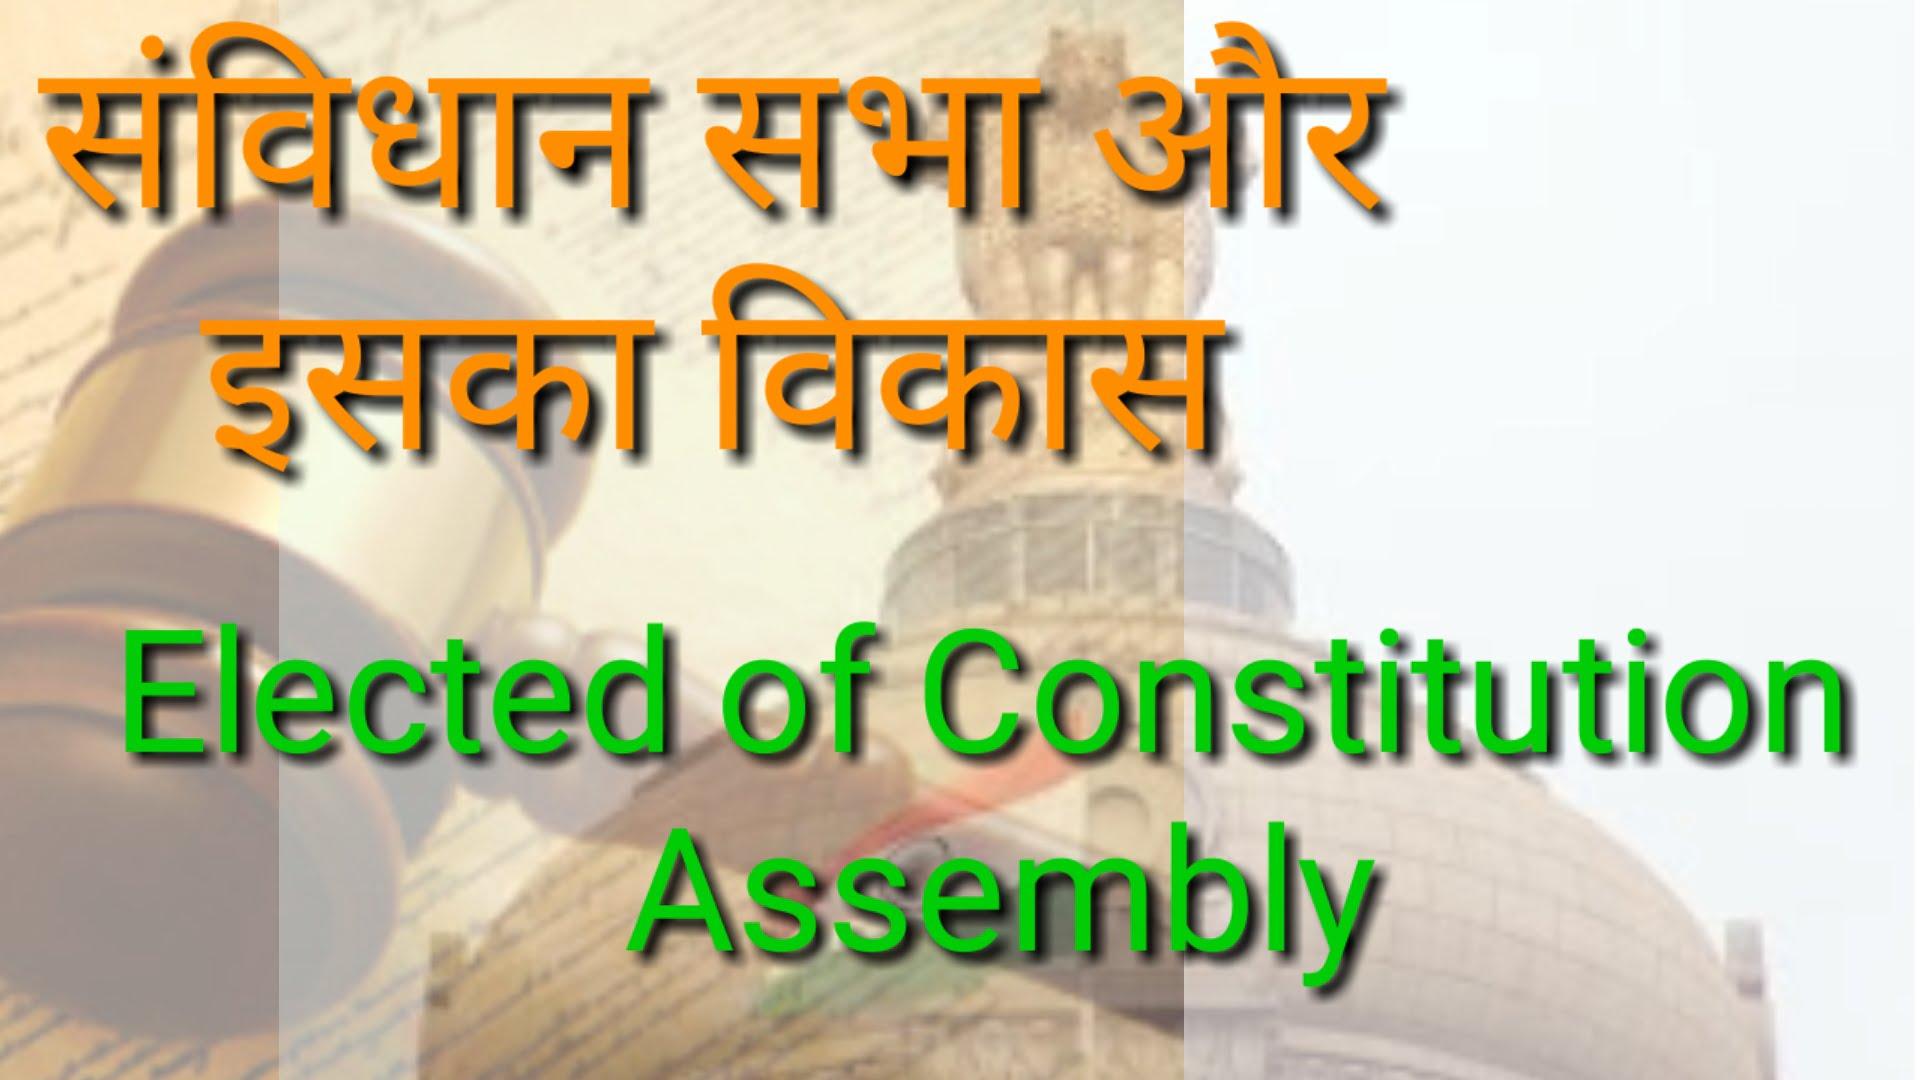 संविधान सभा और इसका निर्माण